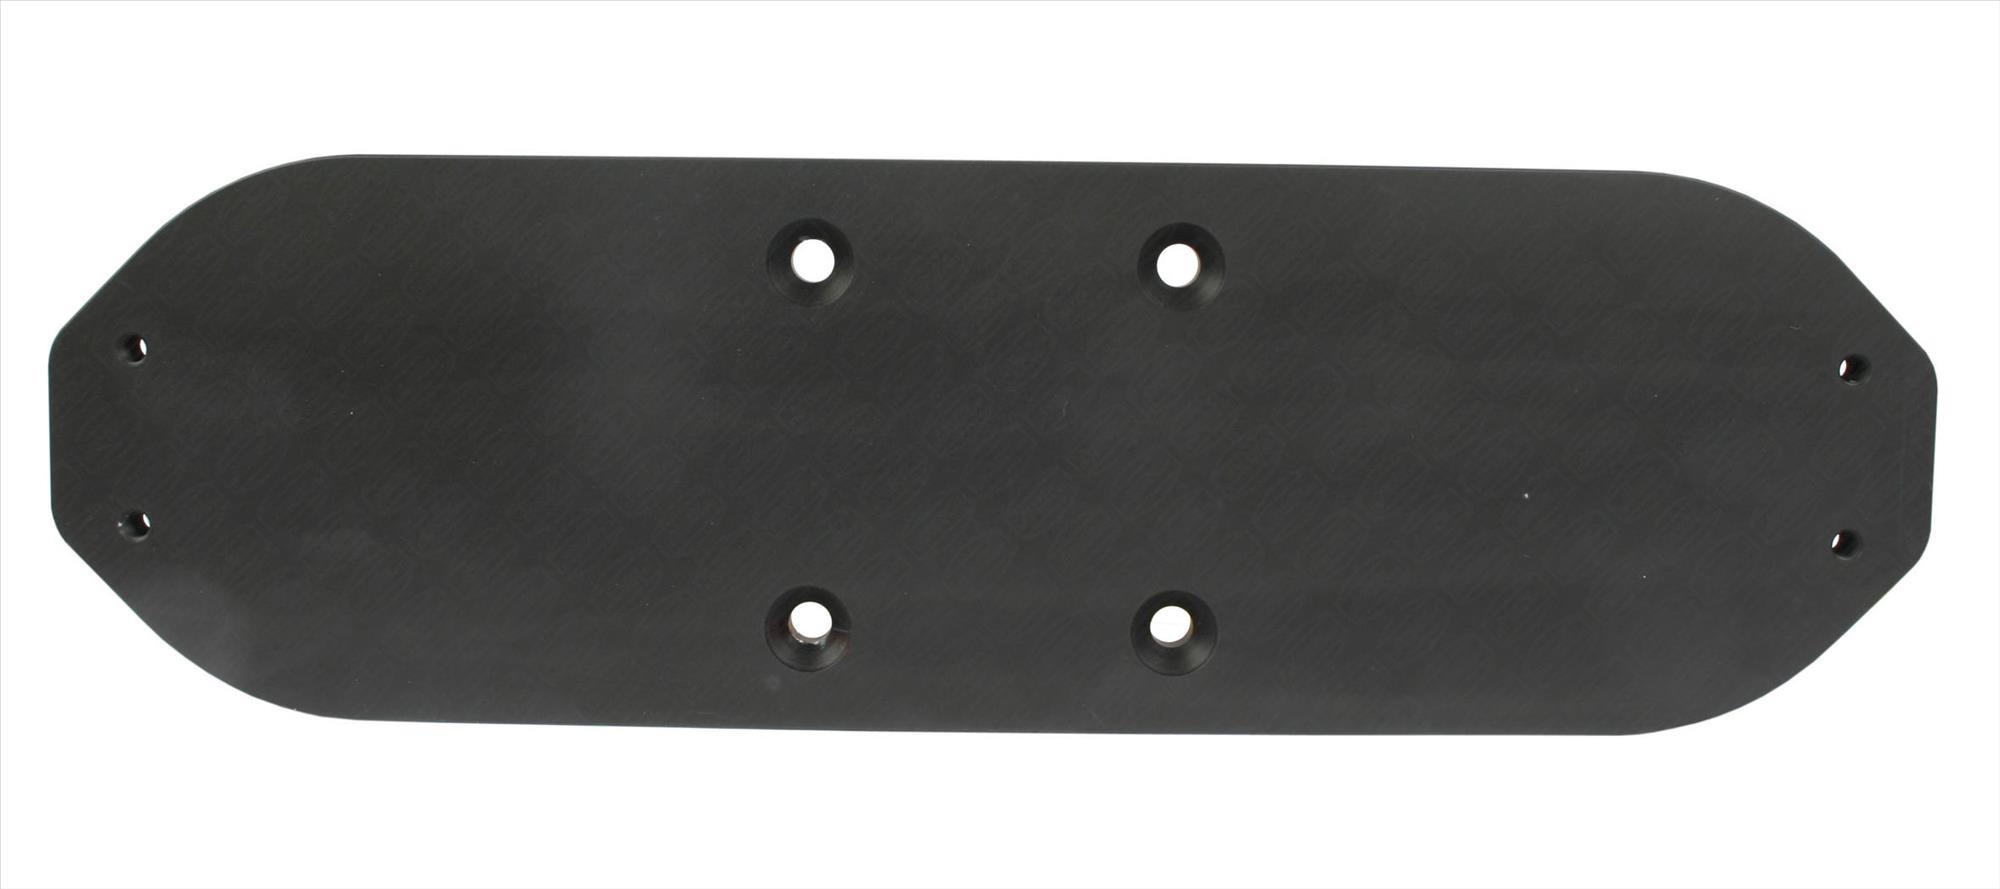 Basisplatte für Leitrohrschellen Gr.1 und 2, Länge 300mm